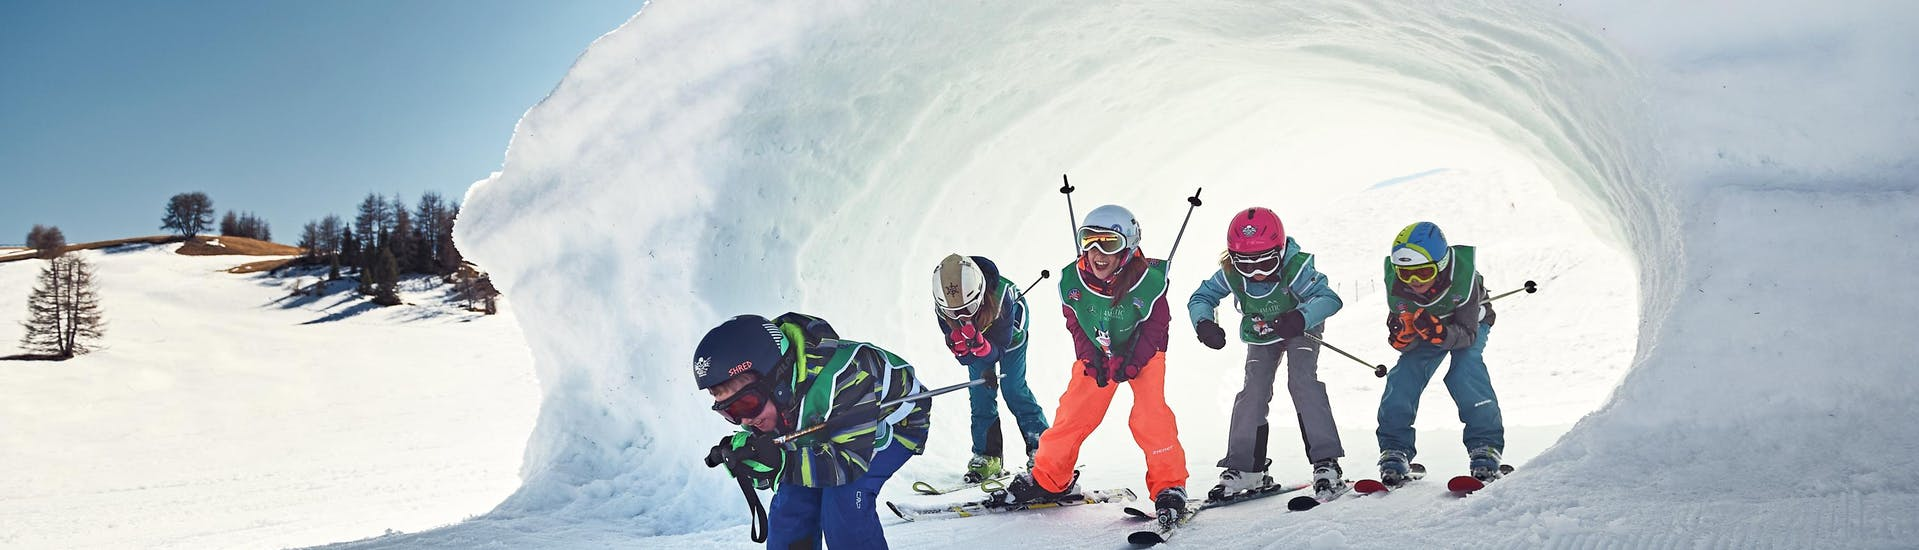 Lezioni di sci per bambini (4-12 anni) - Festività